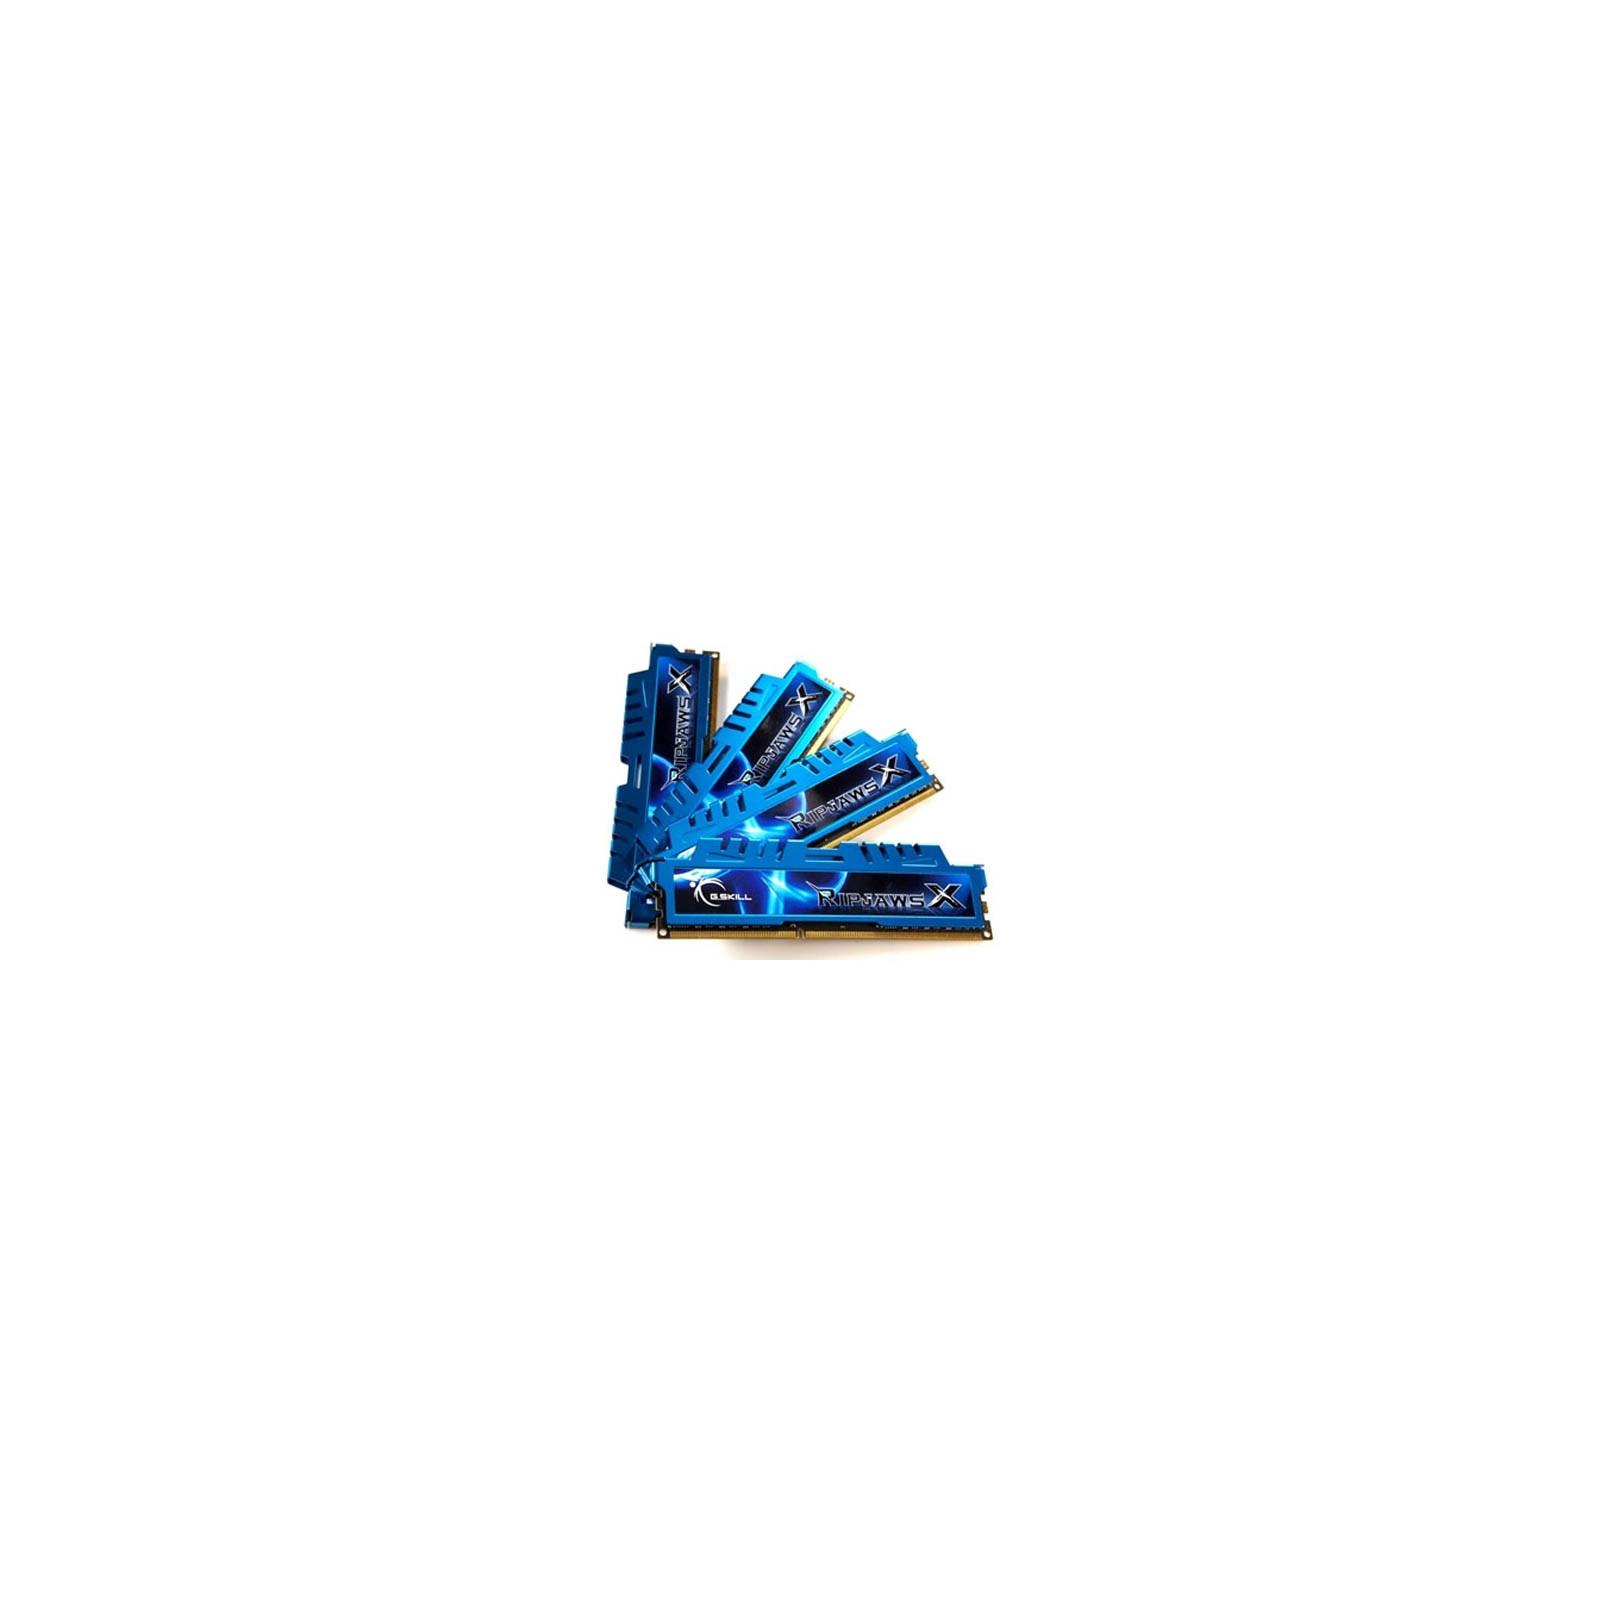 Модуль памяти для компьютера DDR3 16GB (4x4GB) 2133 MHz G.Skill (F3-17000CL9Q-16GBXM)